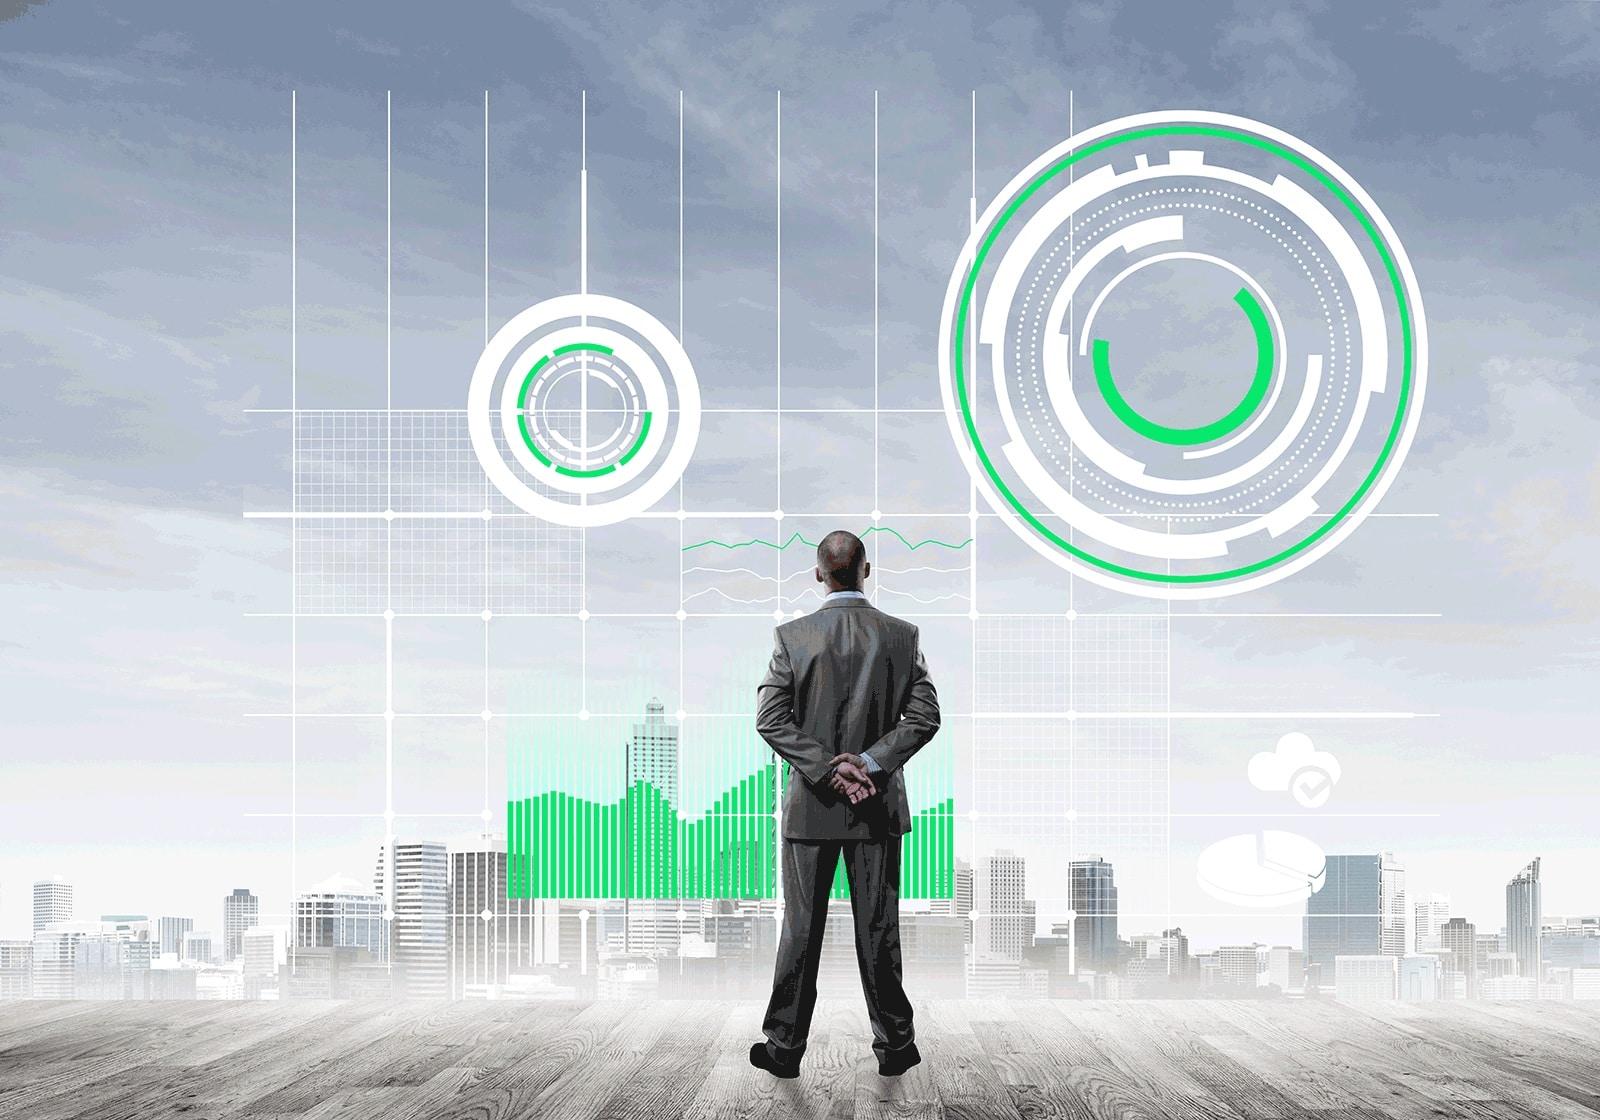 smeup sviluppo della Business Intelligence in Qlik